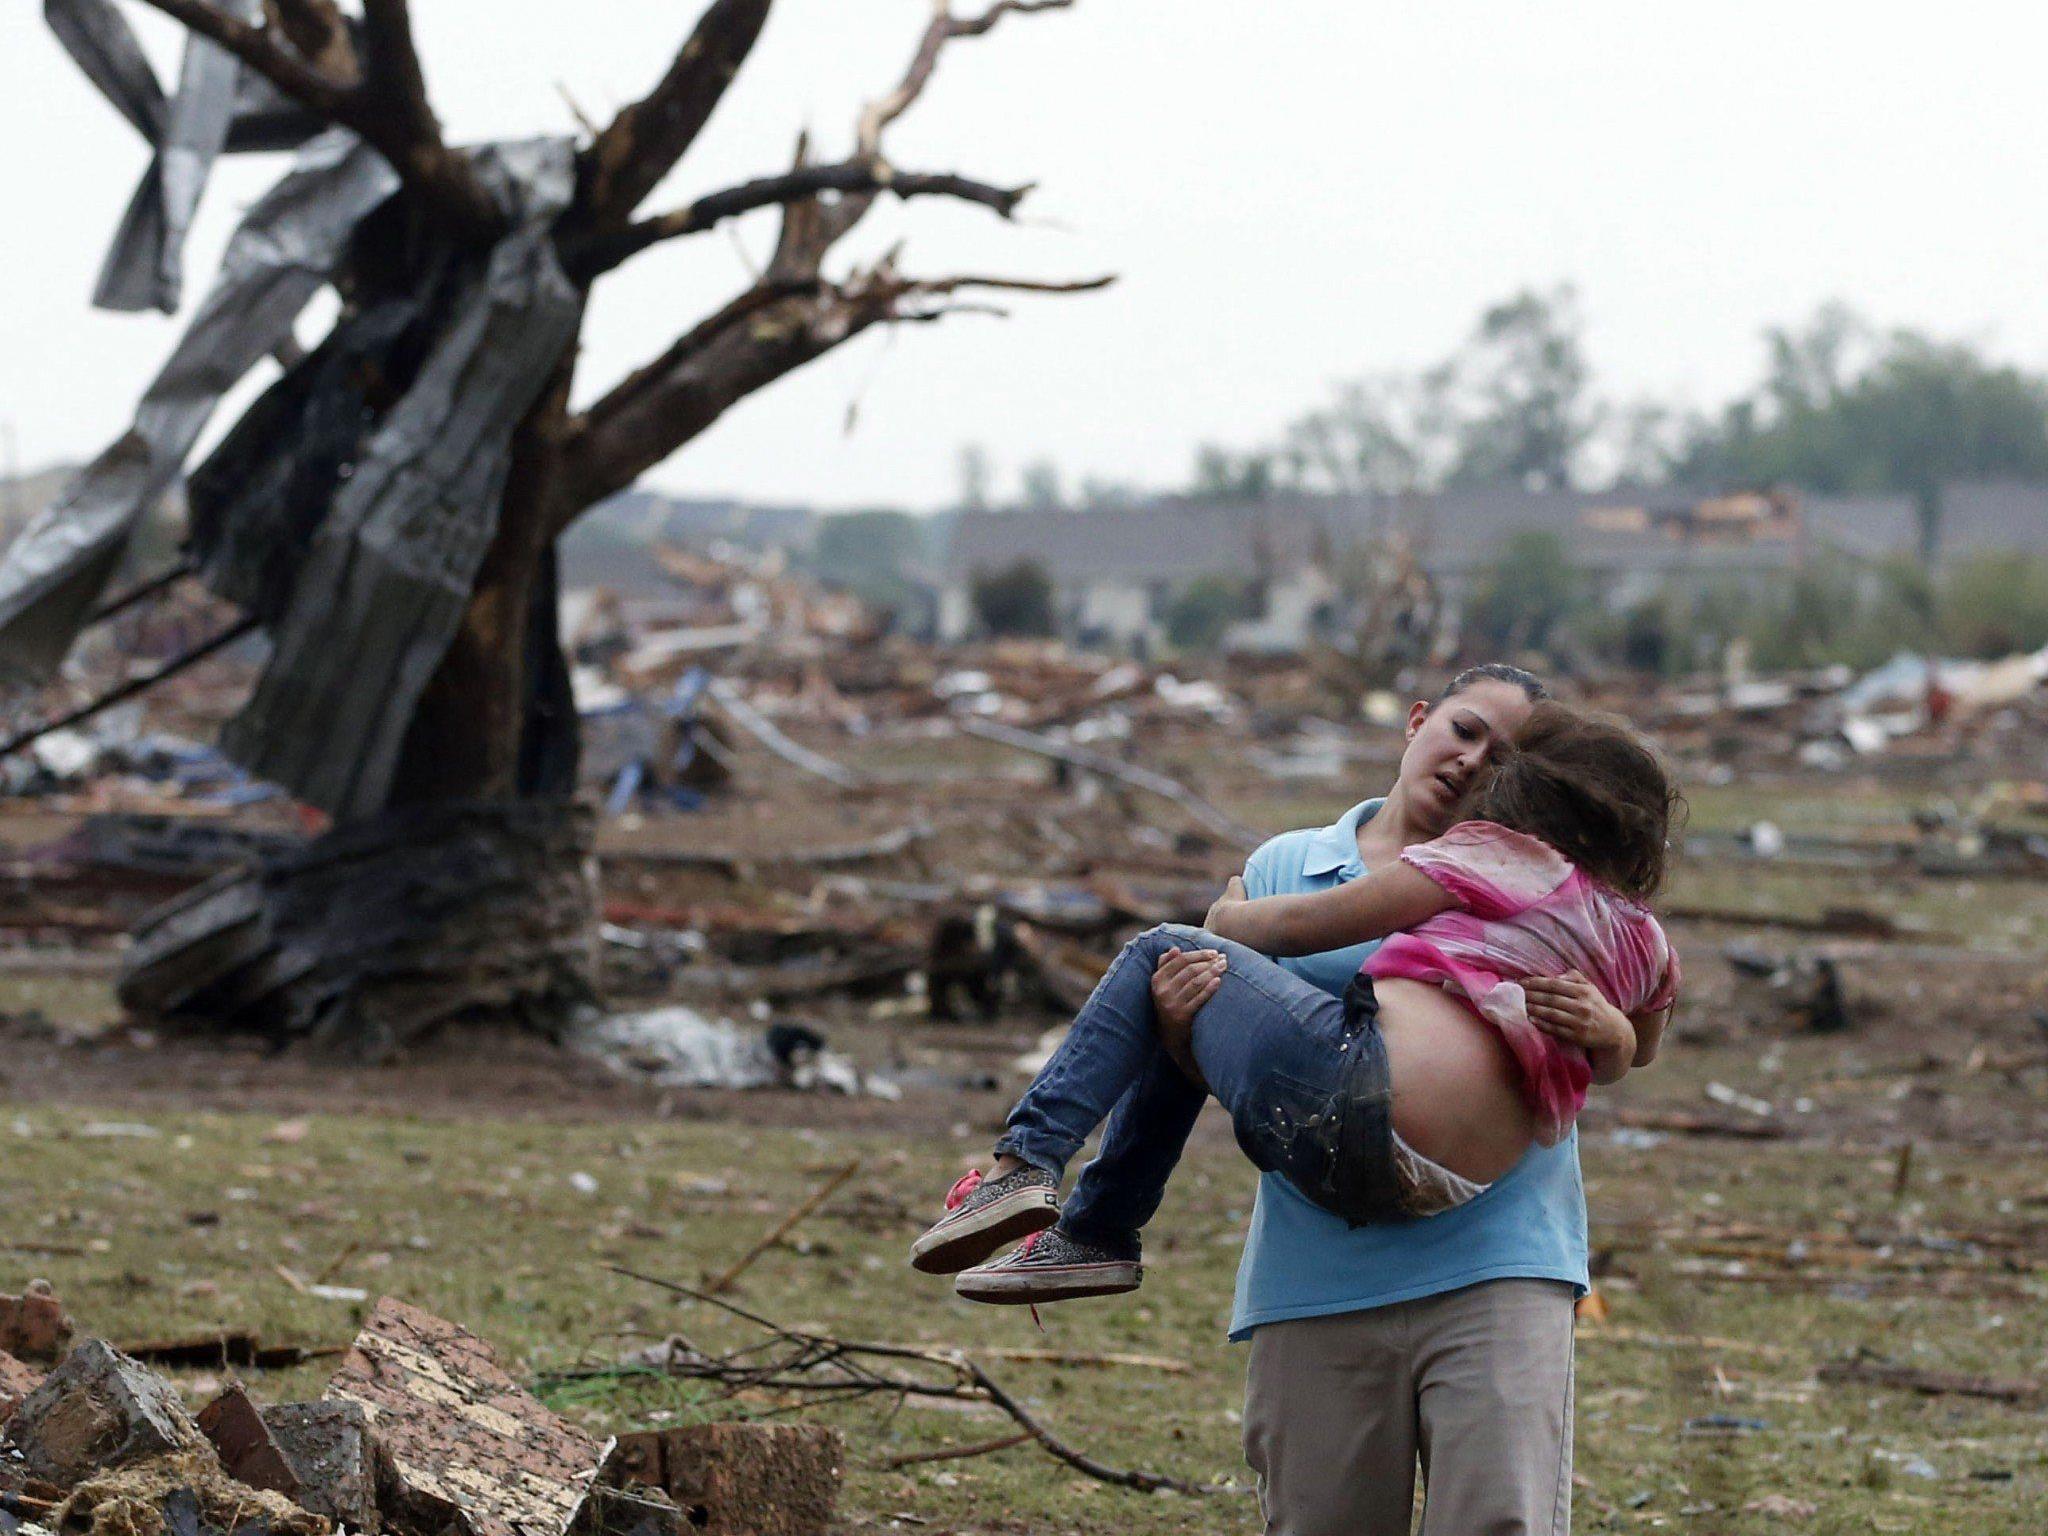 Weitere Leichen unter Trümmern einer Volksschule befürchtet - Obama sagte Hilfe zu.